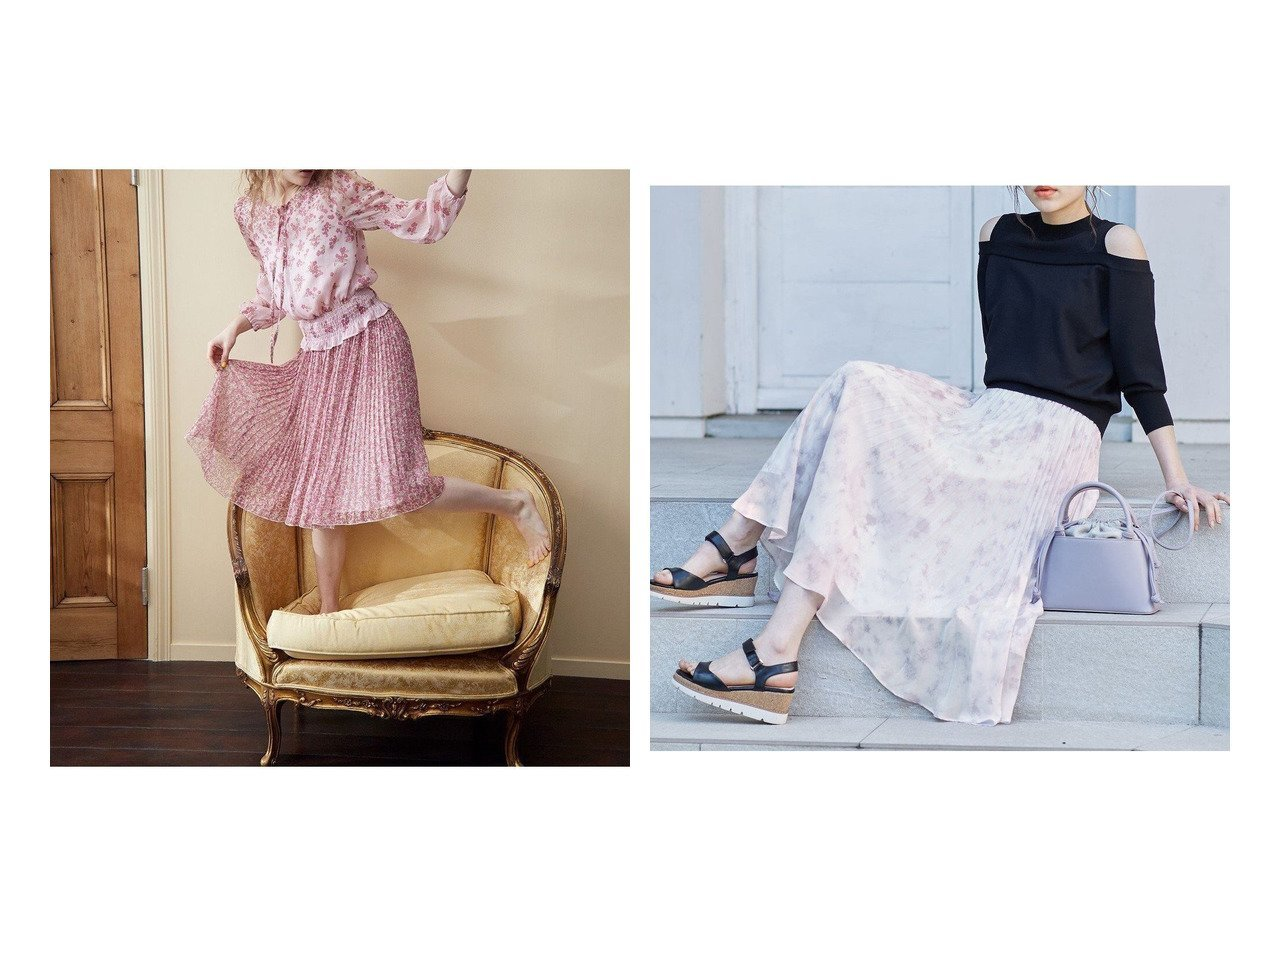 【TOCCA/トッカ】の【洗える!】STAR ANIS スカート&【Feroux/フェルゥ】の【洗える】Pastelミスティプリント スカート 【スカート】おすすめ!人気、トレンド・レディースファッションの通販 おすすめで人気の流行・トレンド、ファッションの通販商品 メンズファッション・キッズファッション・インテリア・家具・レディースファッション・服の通販 founy(ファニー) https://founy.com/ ファッション Fashion レディースファッション WOMEN スカート Skirt プリーツスカート Pleated Skirts 送料無料 Free Shipping 2021年 2021 2021春夏・S/S SS/Spring/Summer/2021 再入荷 Restock/Back in Stock/Re Arrival 洗える |ID:crp329100000032367